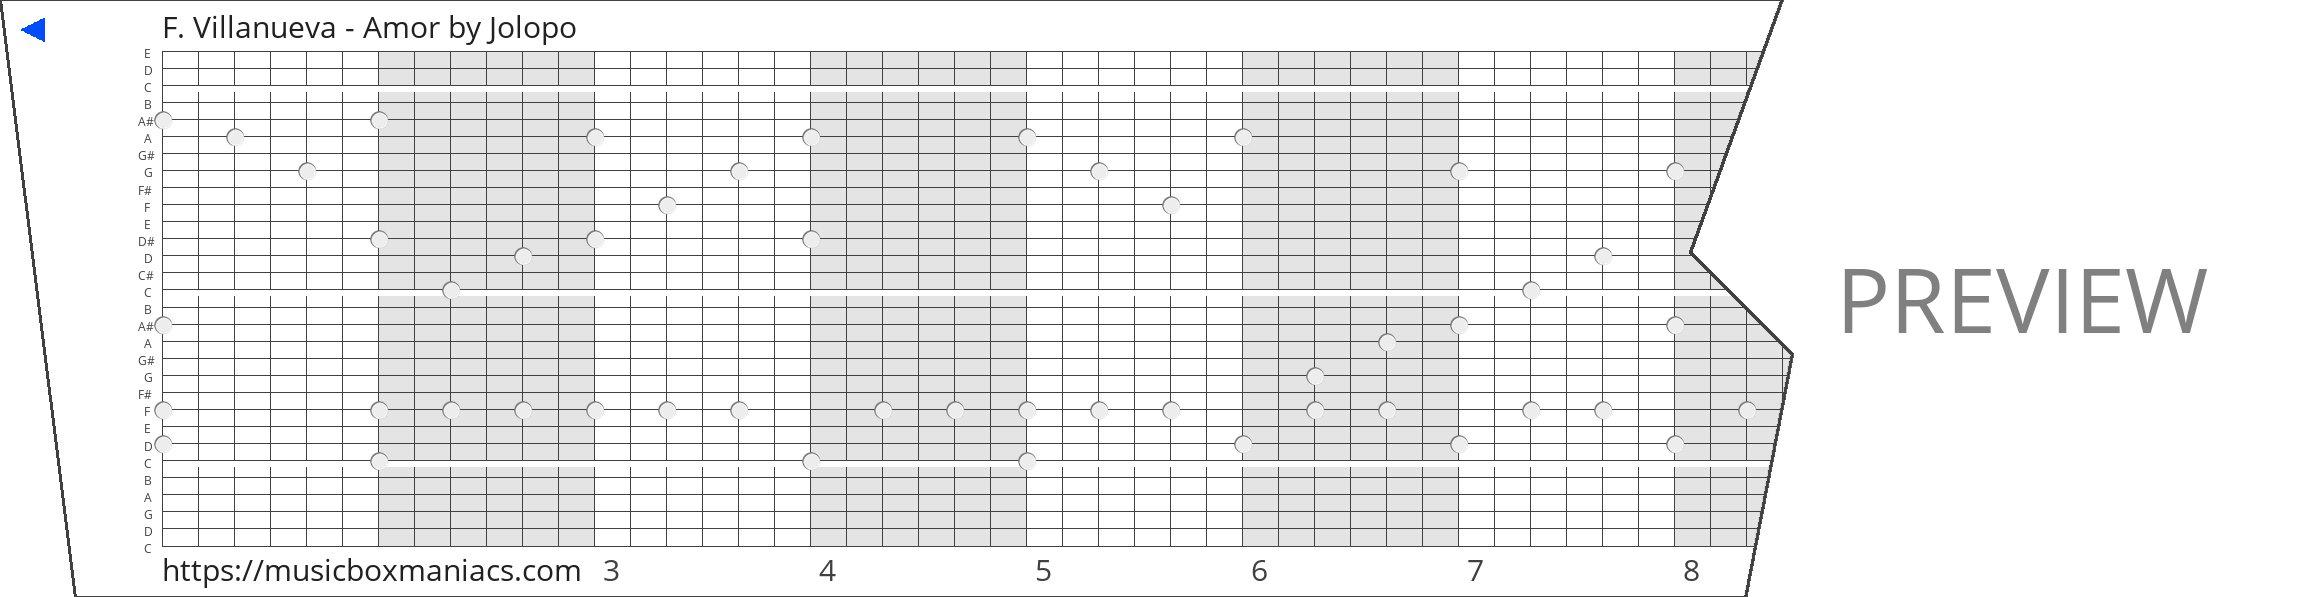 F. Villanueva - Amor 30 note music box paper strip